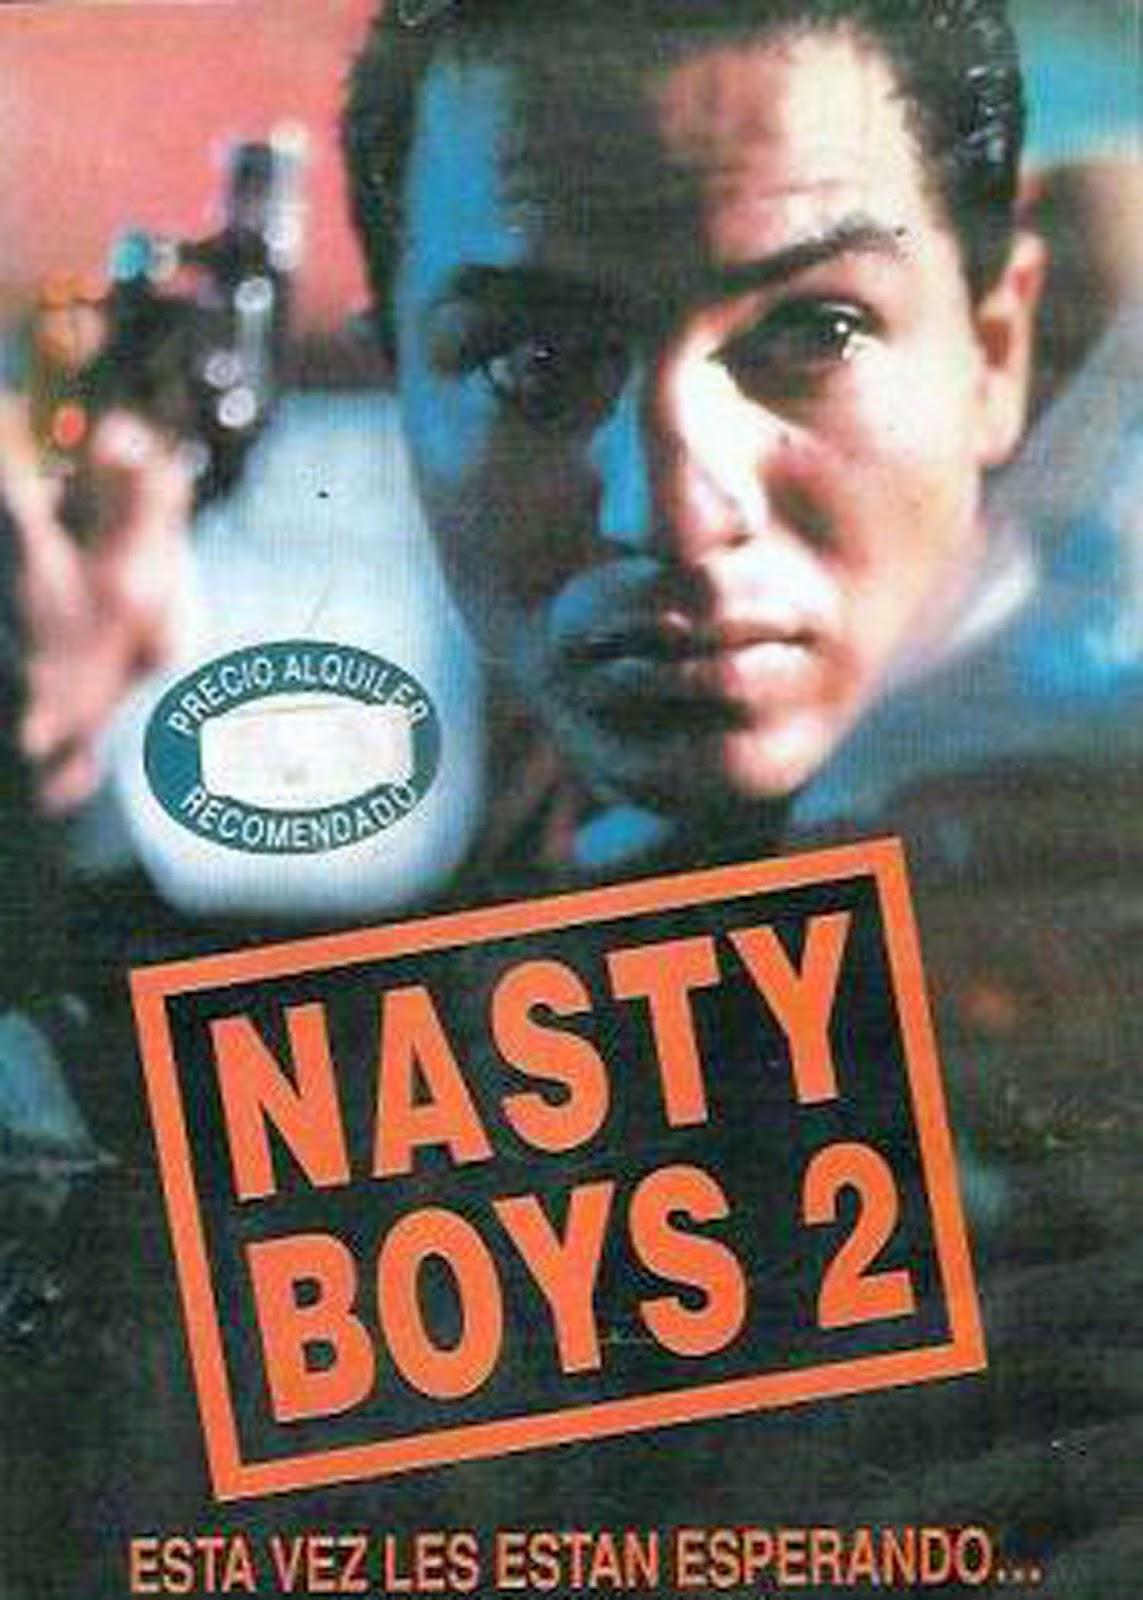 Nasty Boys 2 (1990)